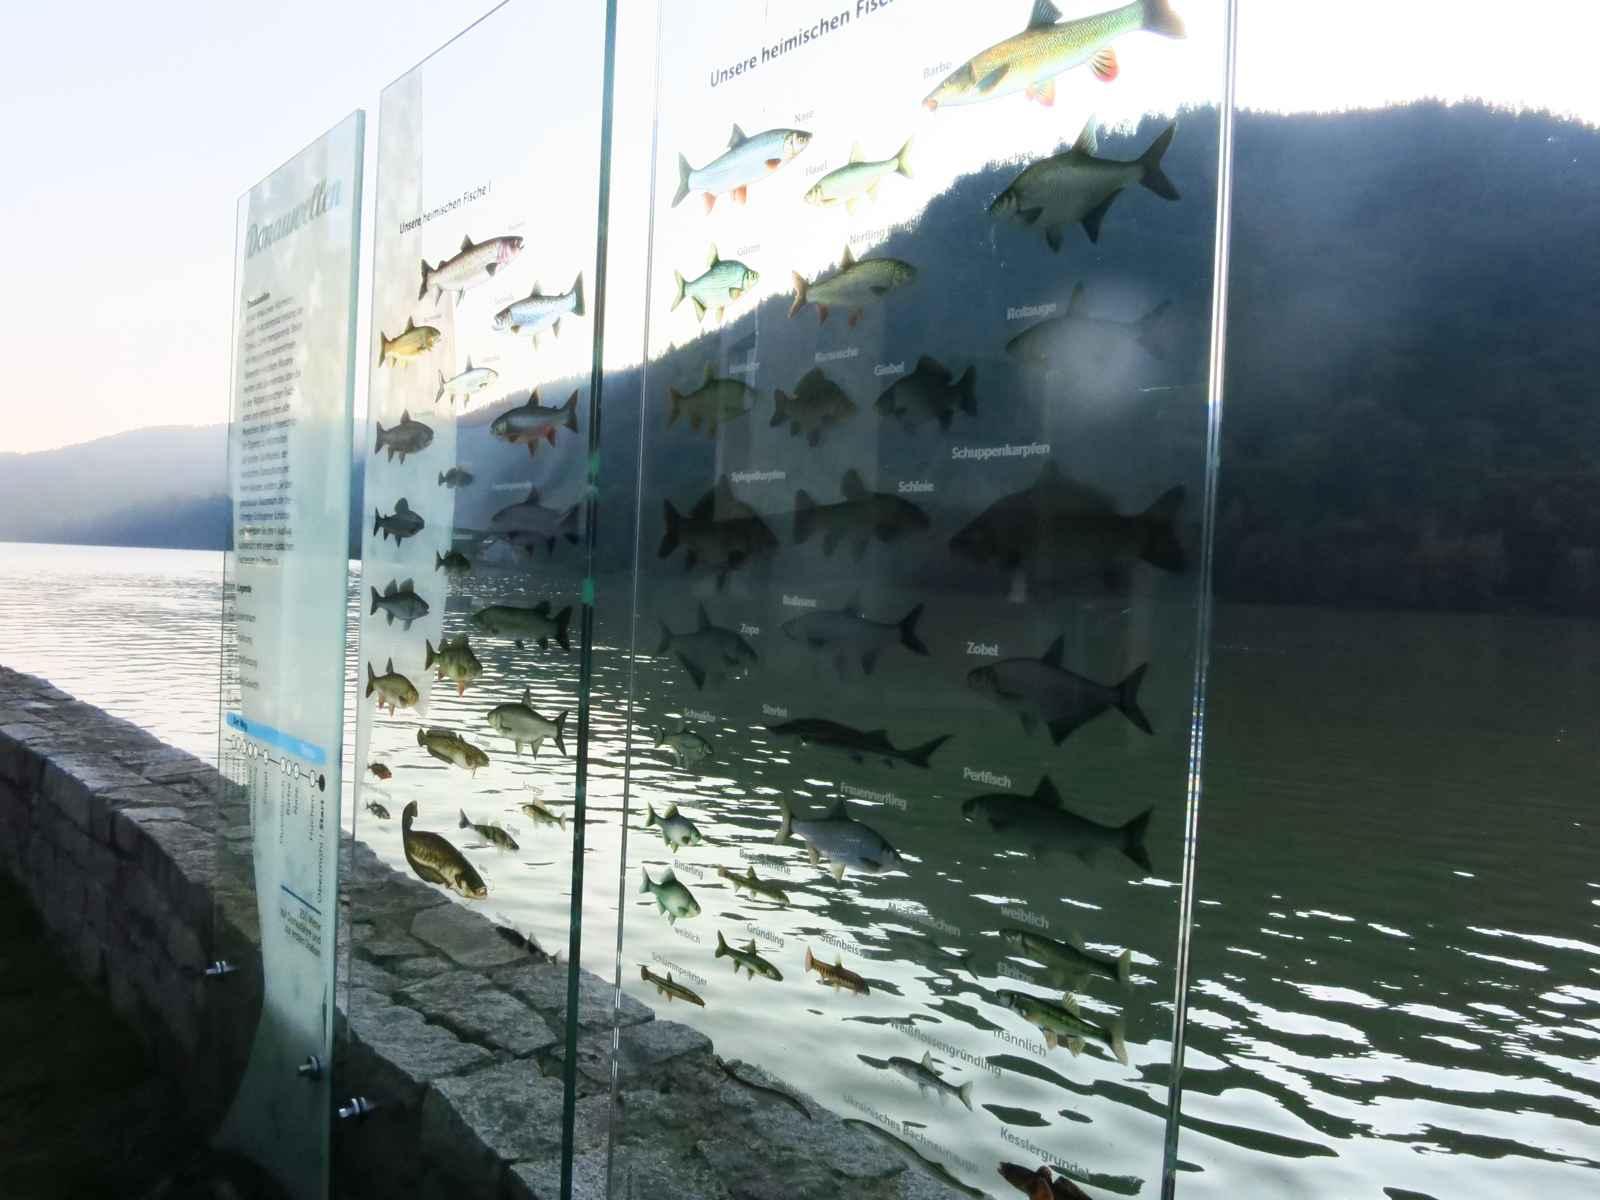 Donauwellen: drei Startstelen mit Orientierungsinformation